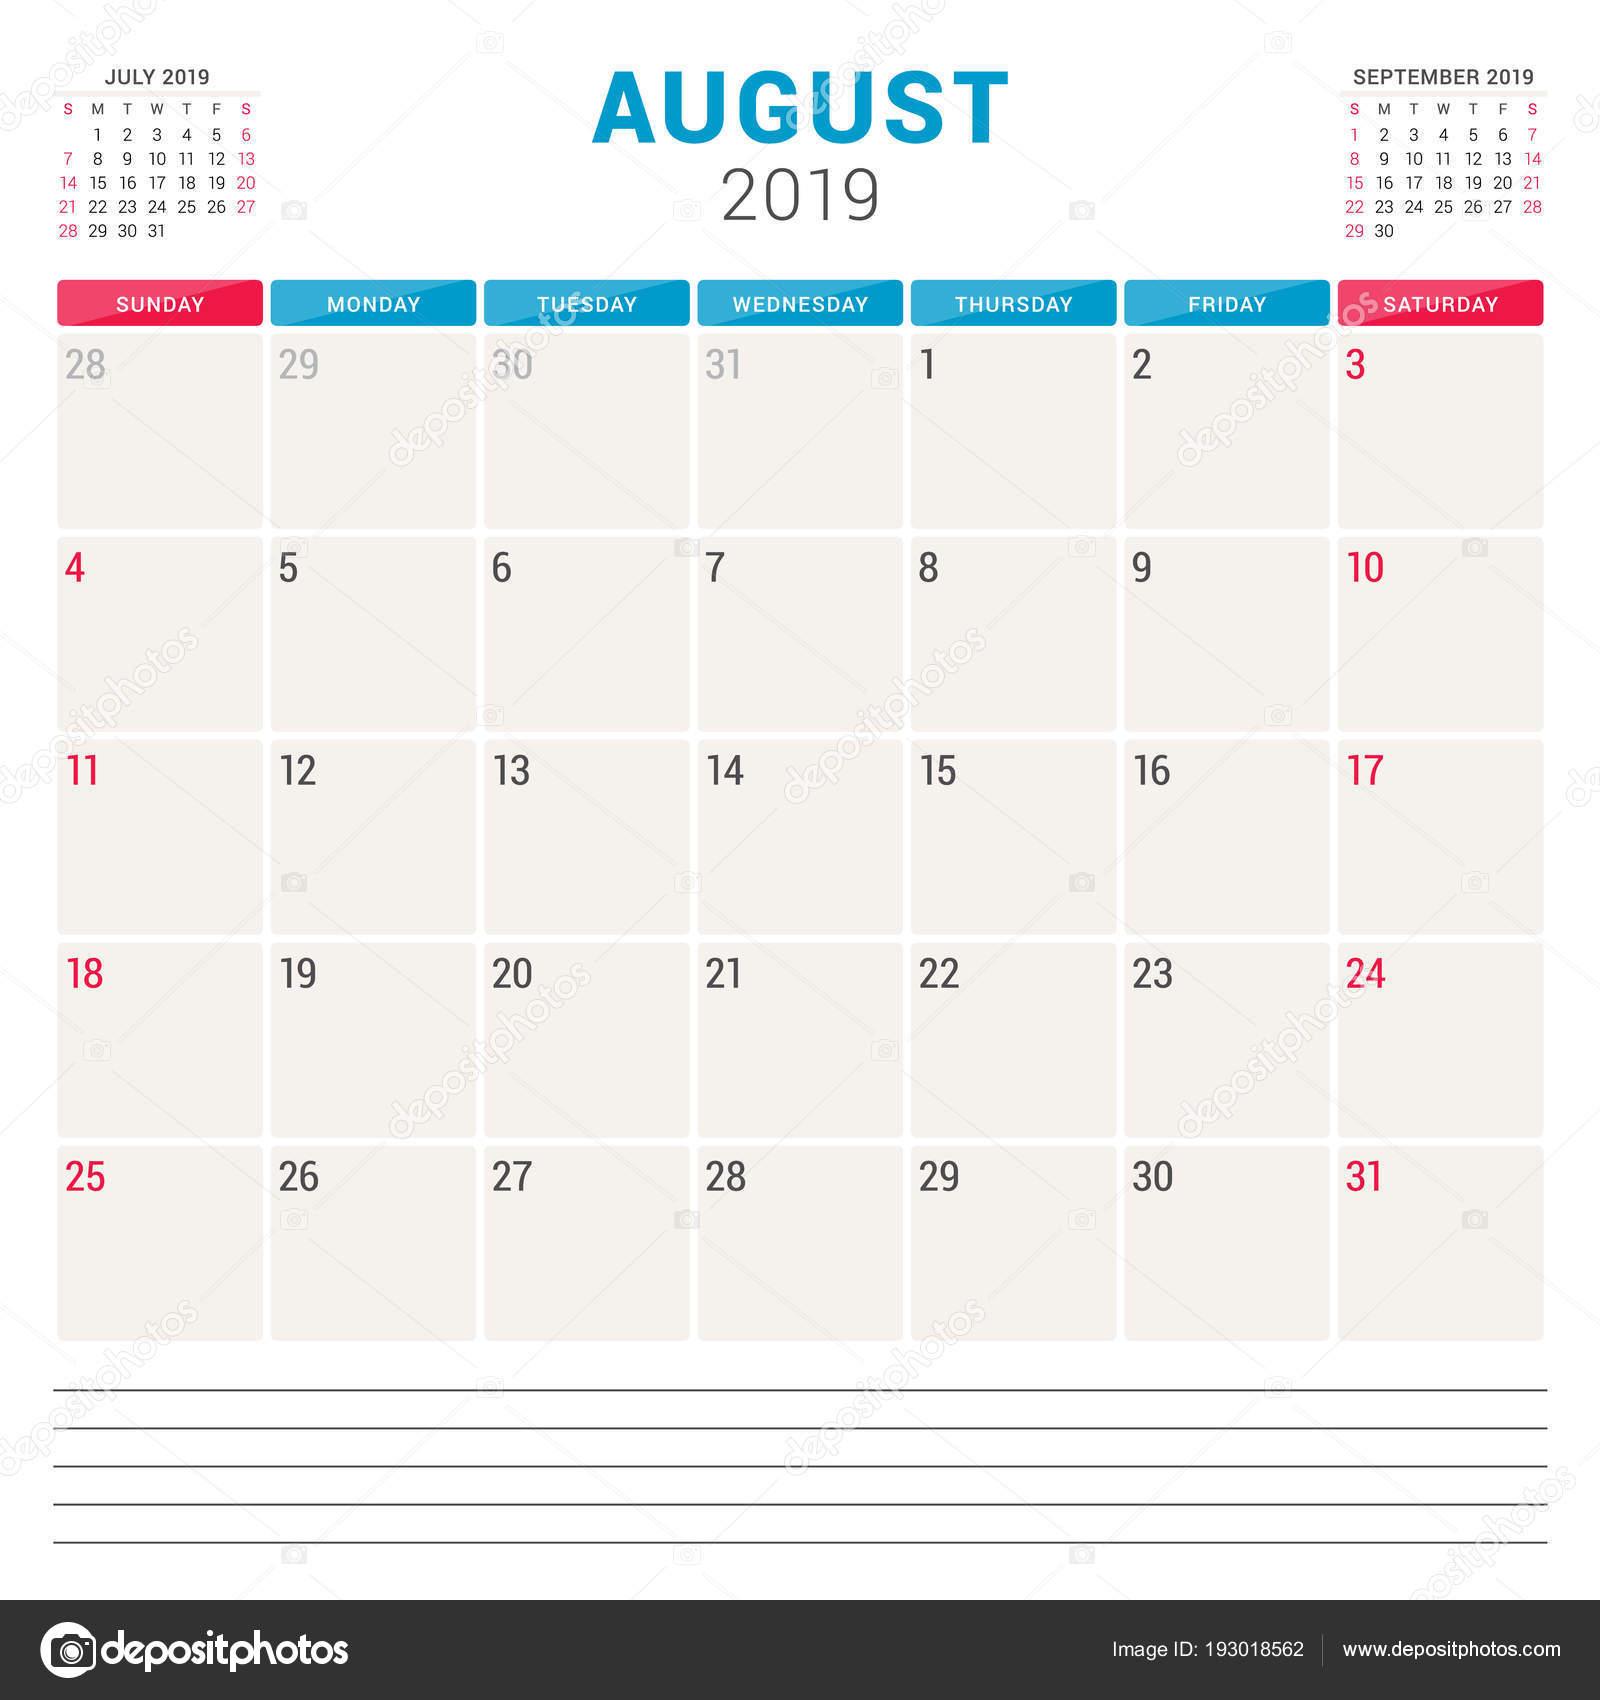 Agosto Calendario.Calendario Planner Per Agosto 2019 Settimana Inizia